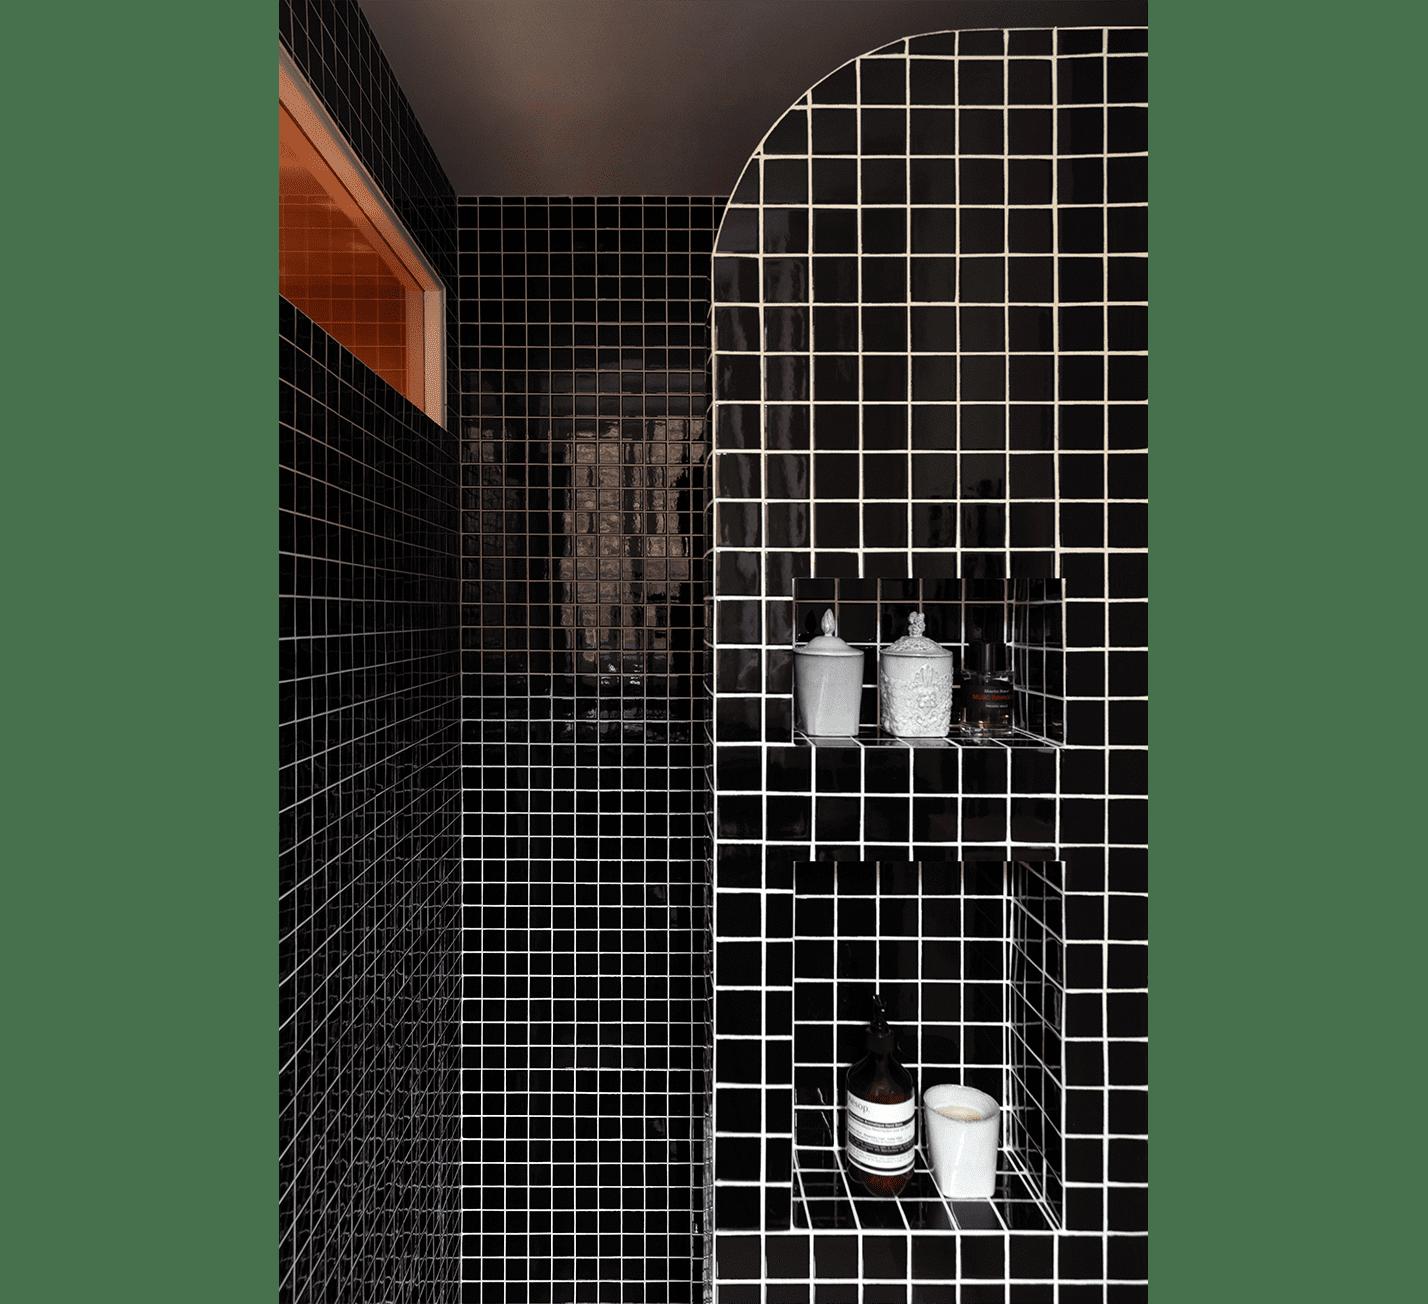 Appartement-Pantin-paris-rénovation-architecture-paris-construction-atelier-steve-pauline-borgia-12